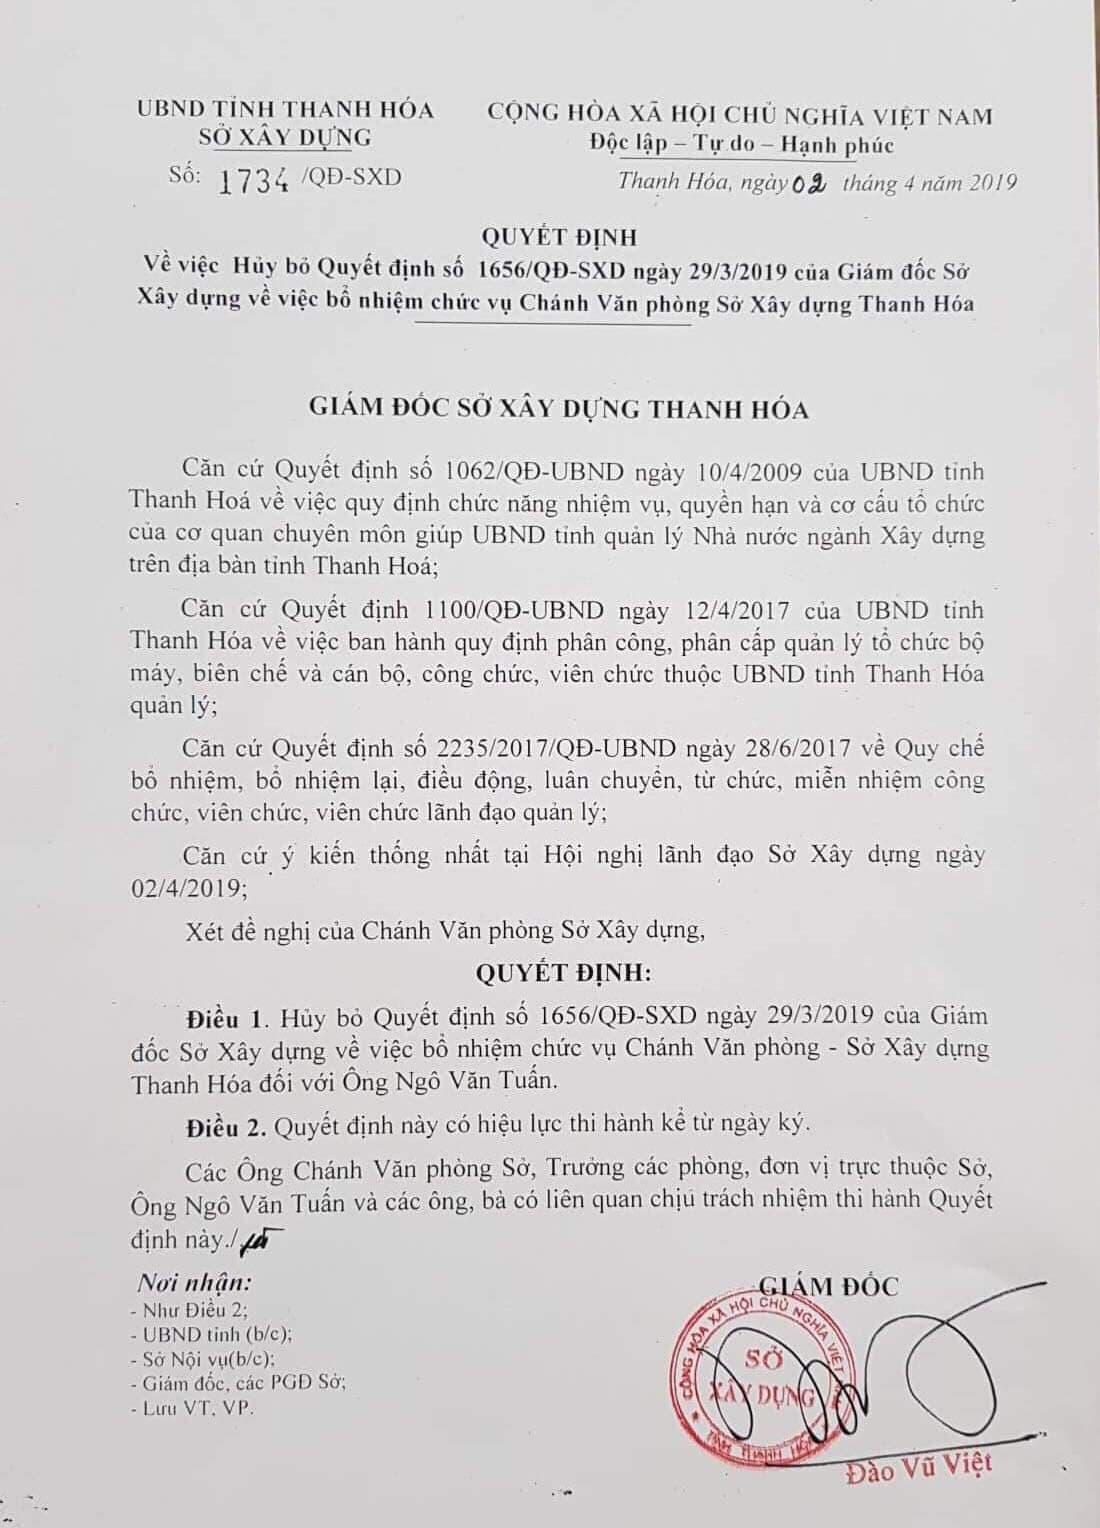 Bãi bỏ quyết định bổ nhiệm đối với cựu Phó chủ tịch tỉnh Thanh Hóa - Ảnh 1